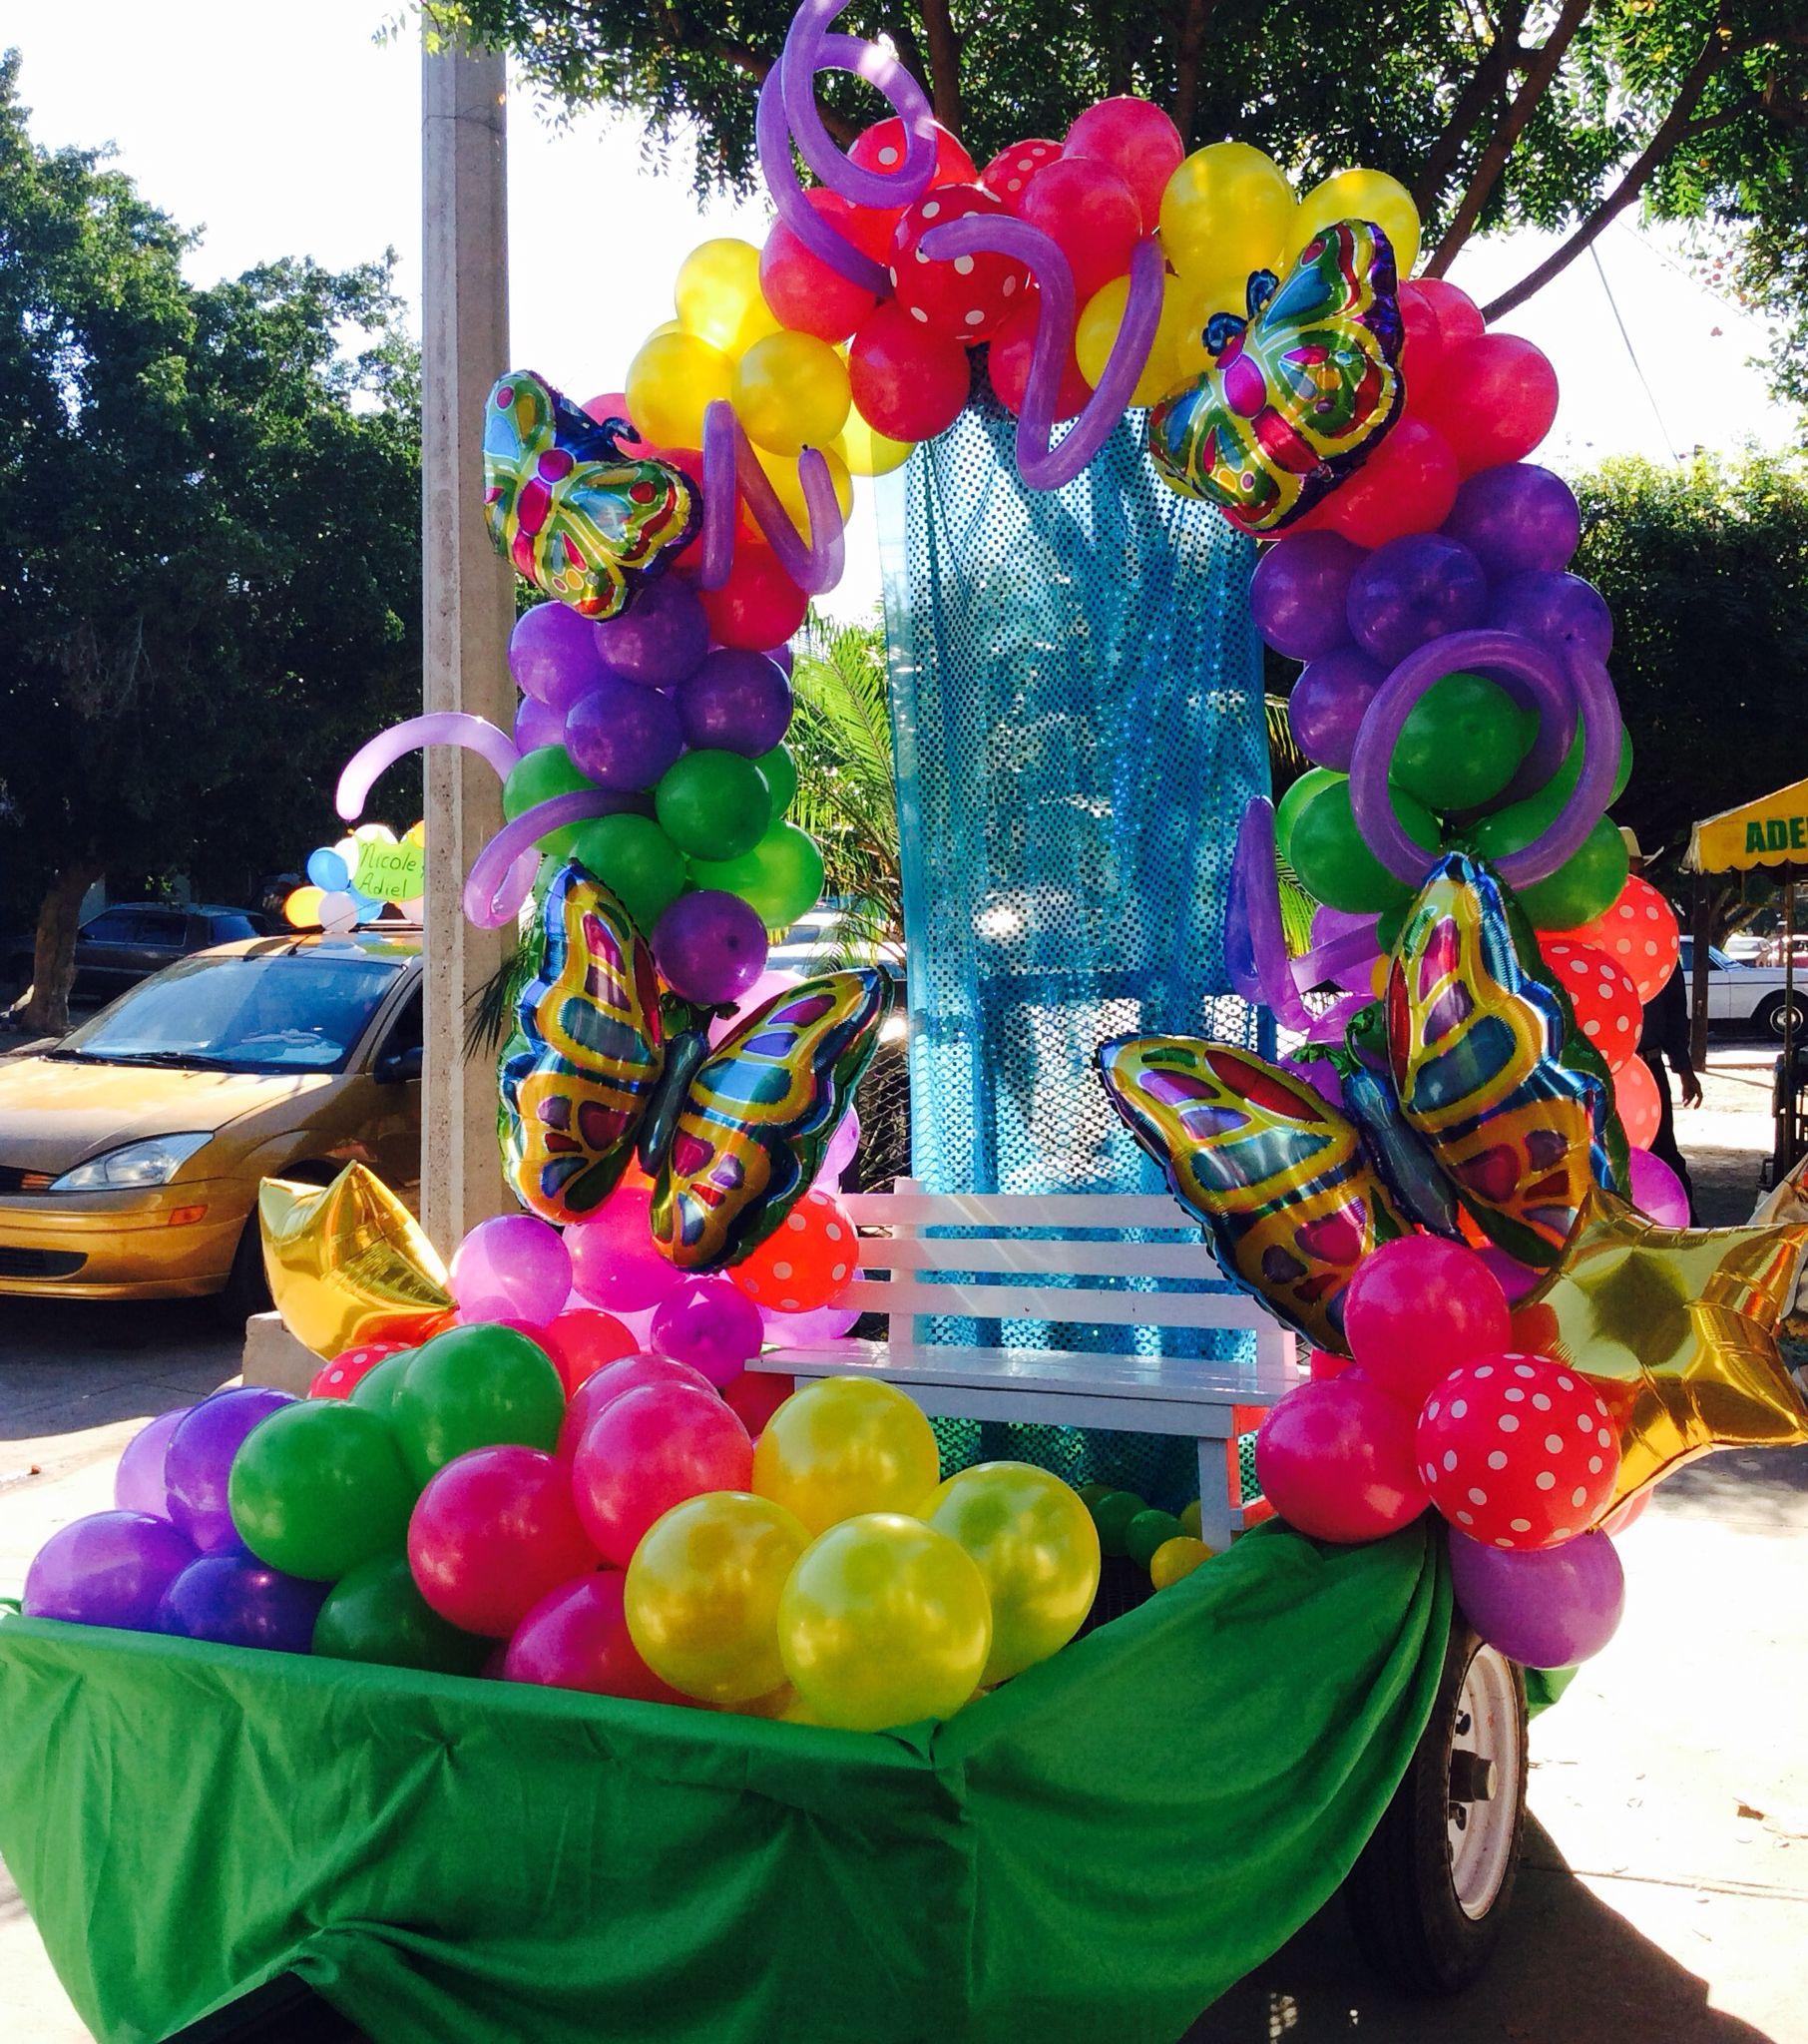 Primavera Carrozas De Carnaval Desfile De Carrozas Y Globos